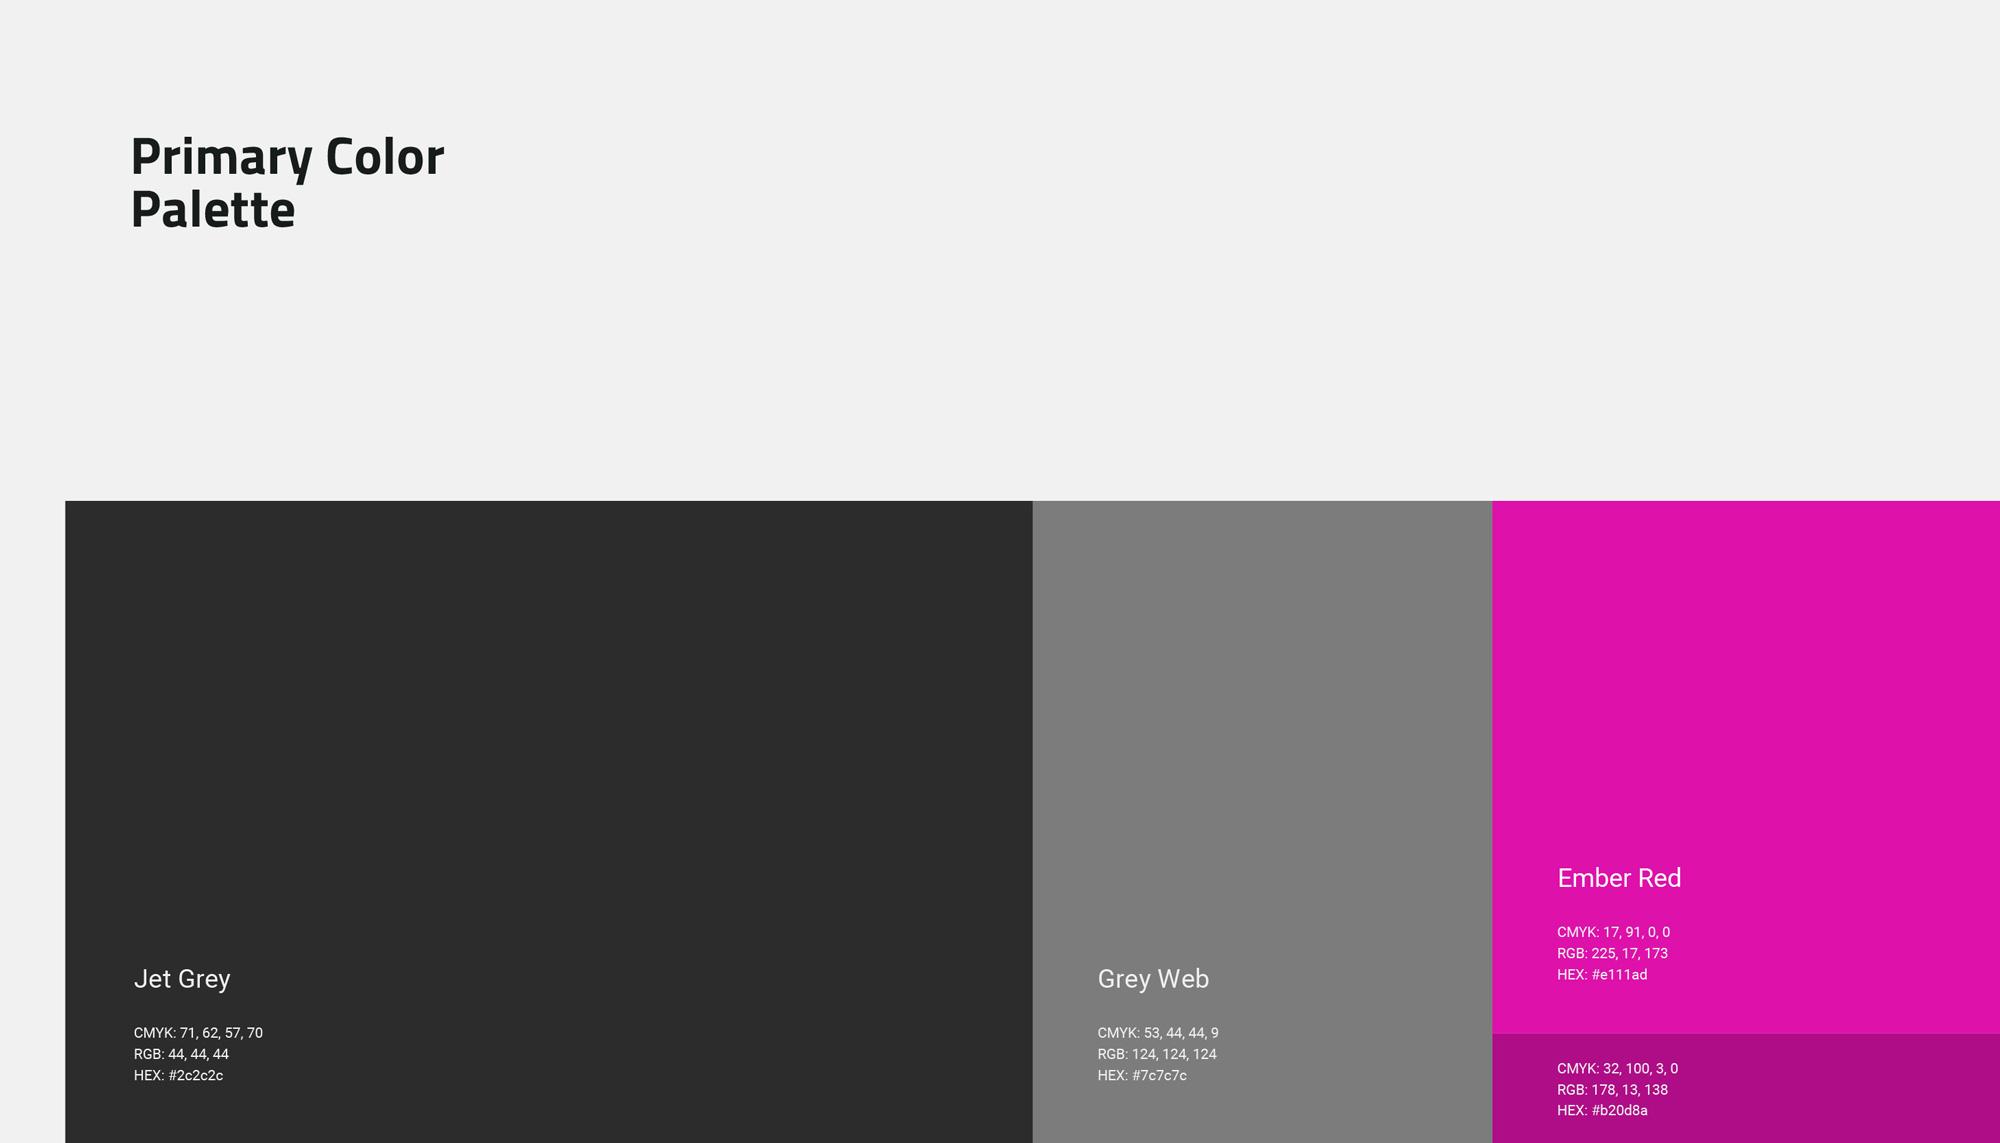 TITAN - Primary Color Palette